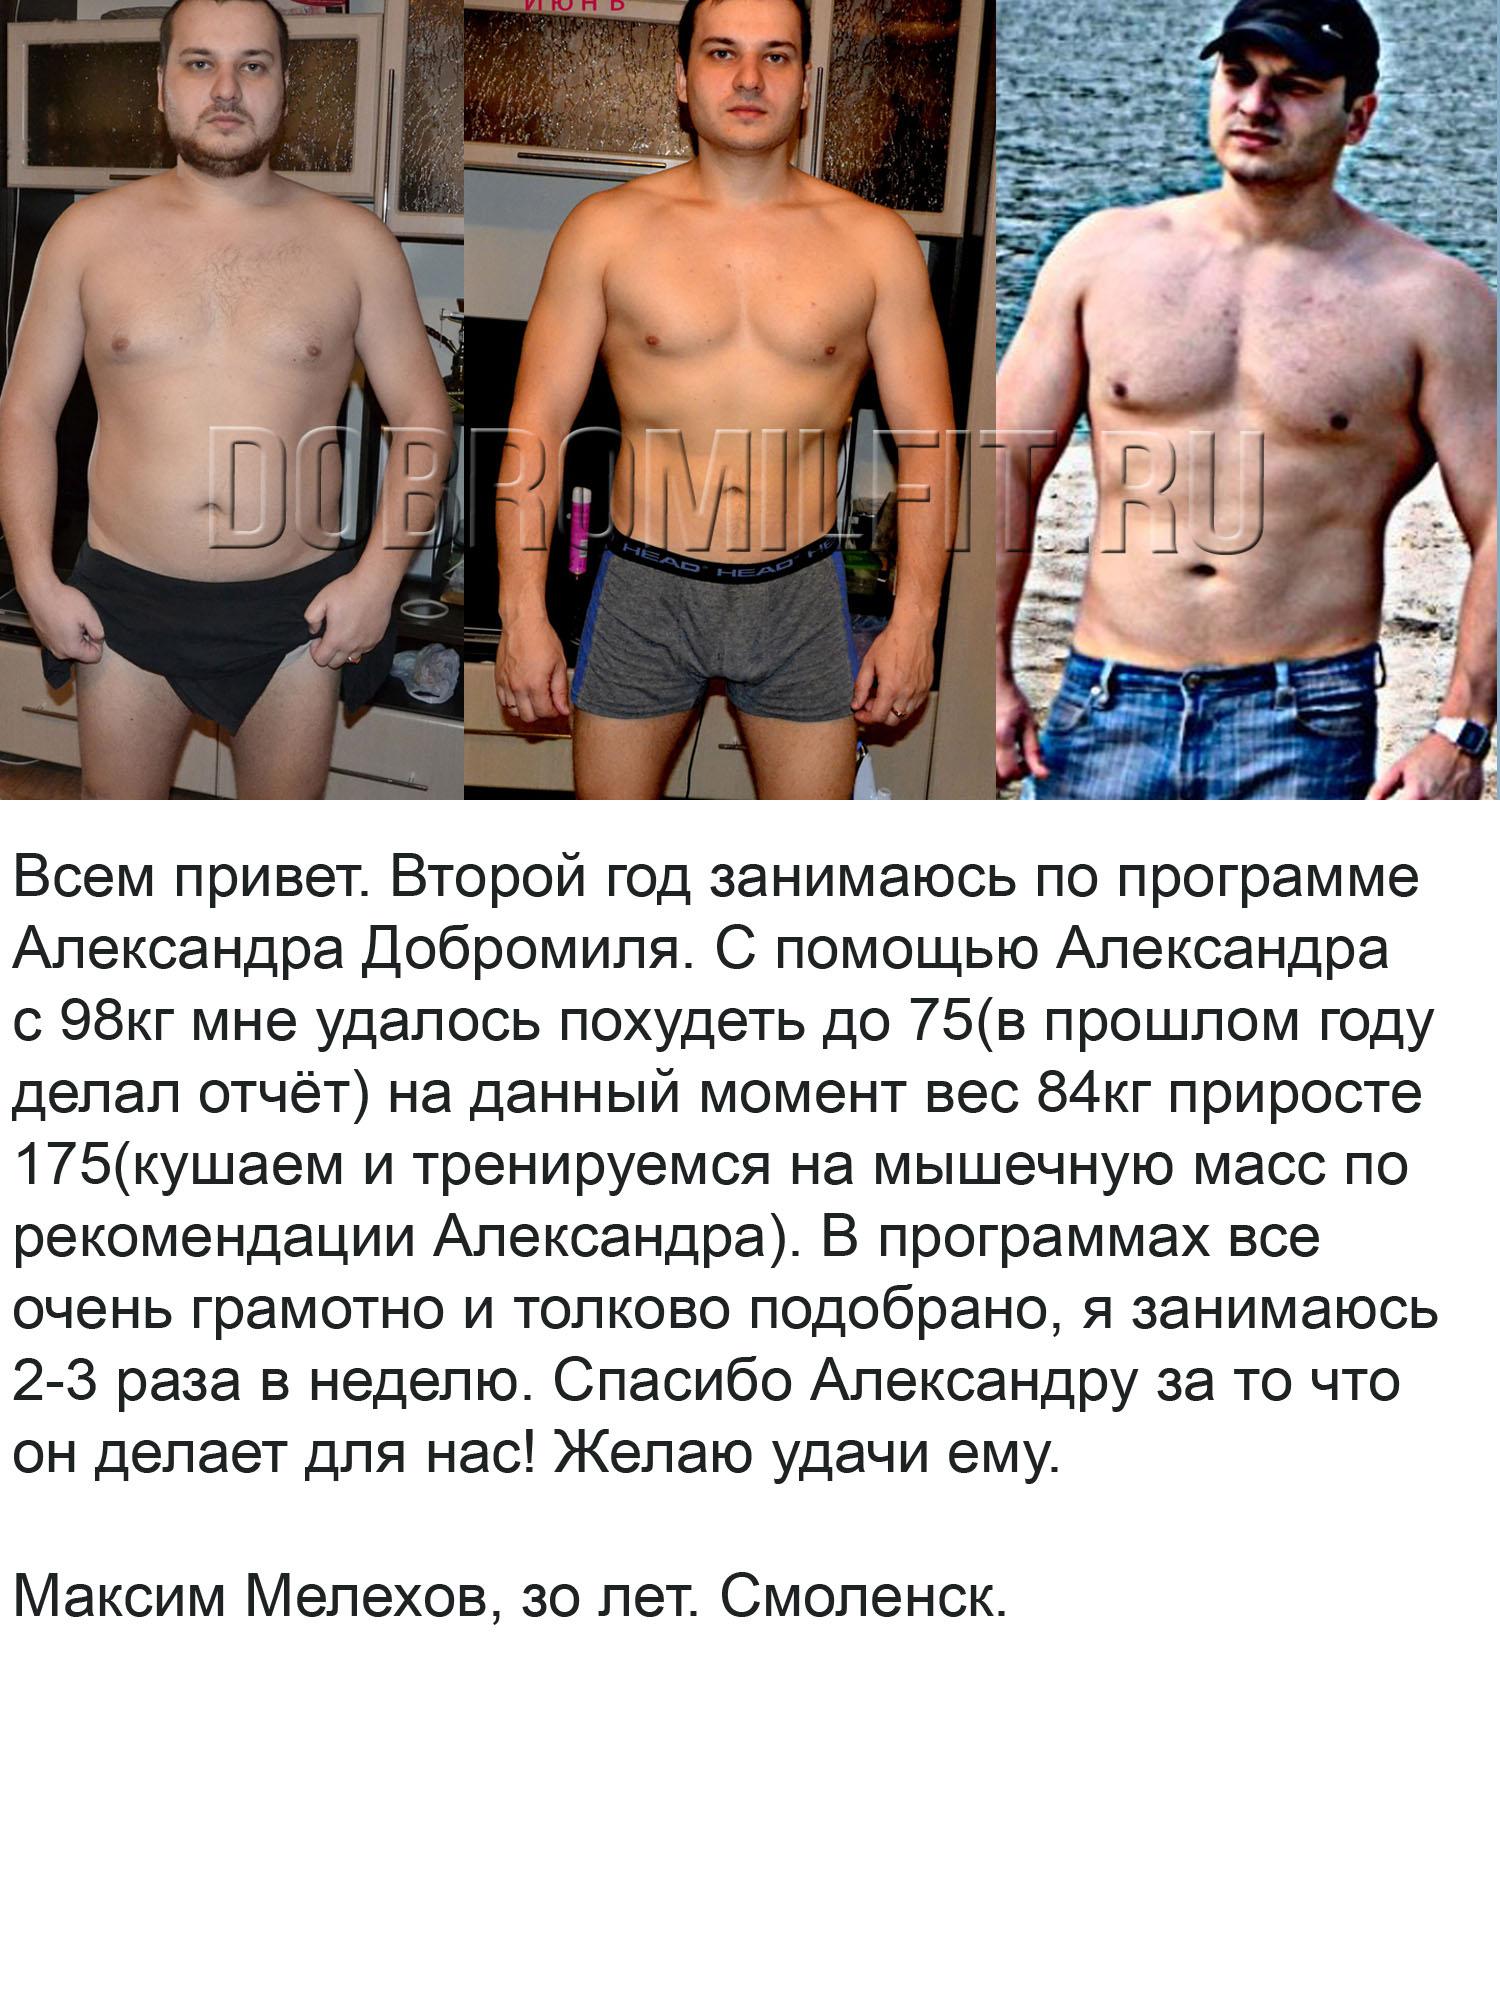 Максим Мелехов2